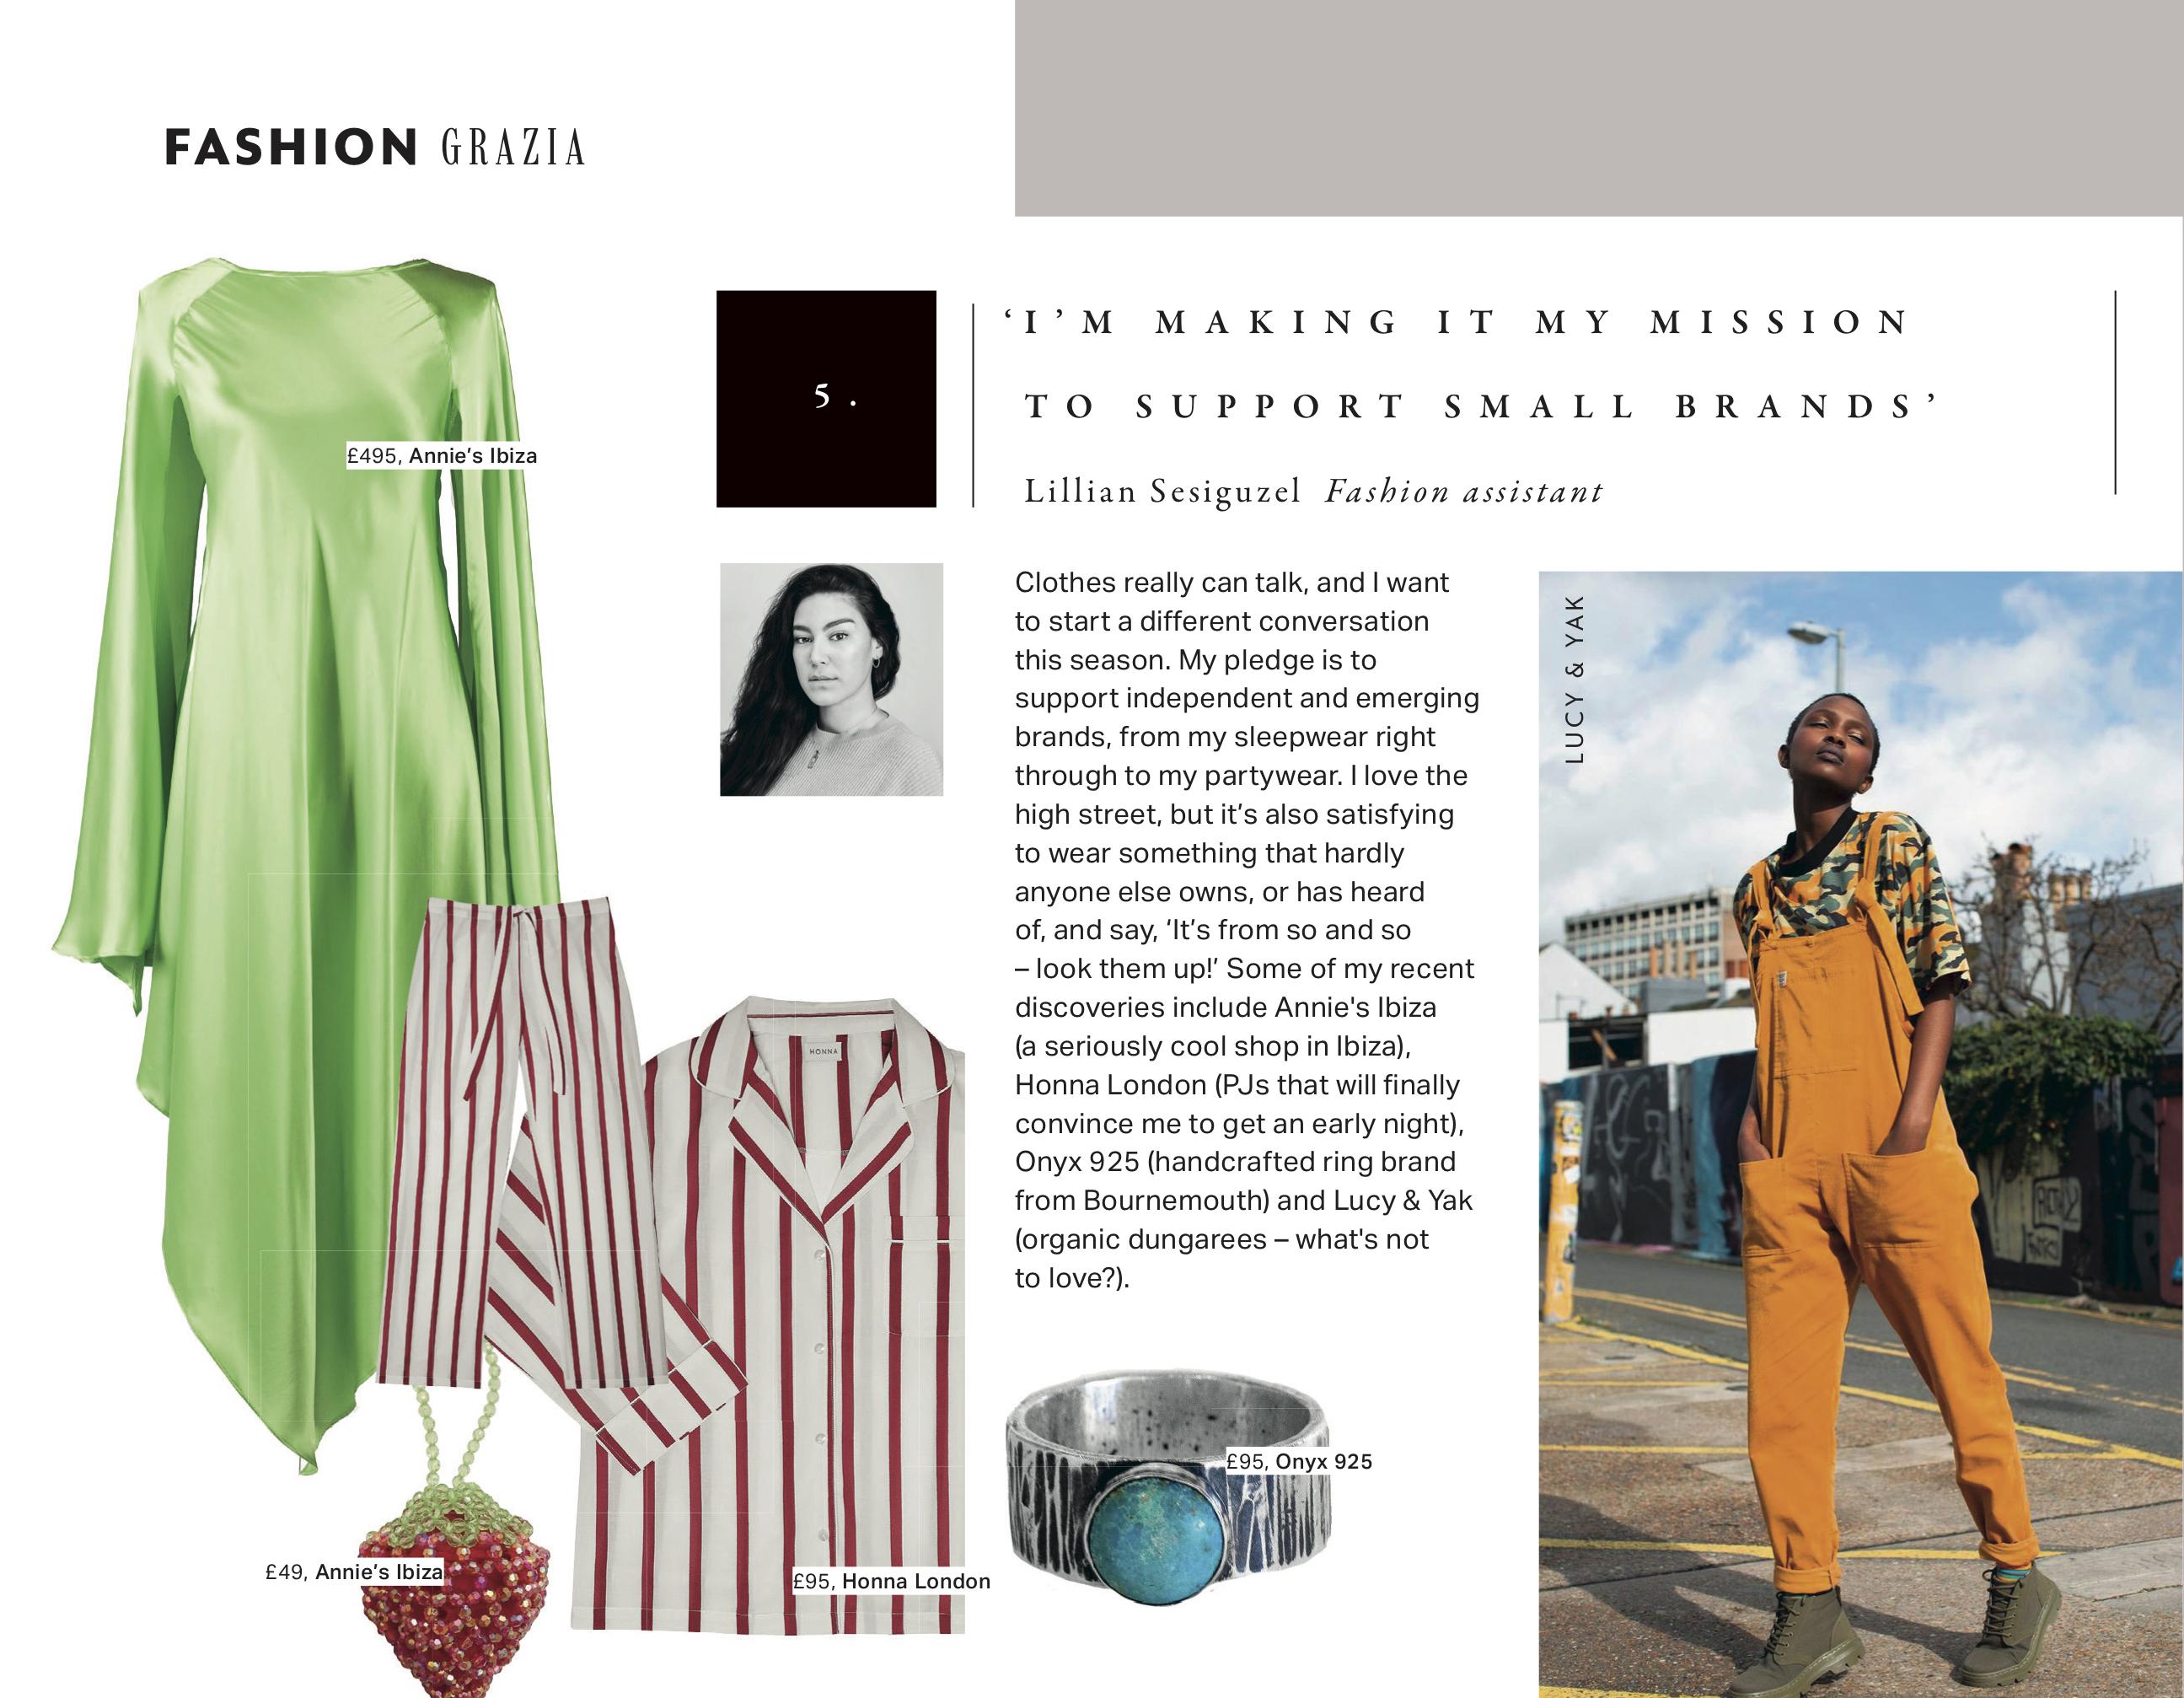 grazia magazine fashion pledge